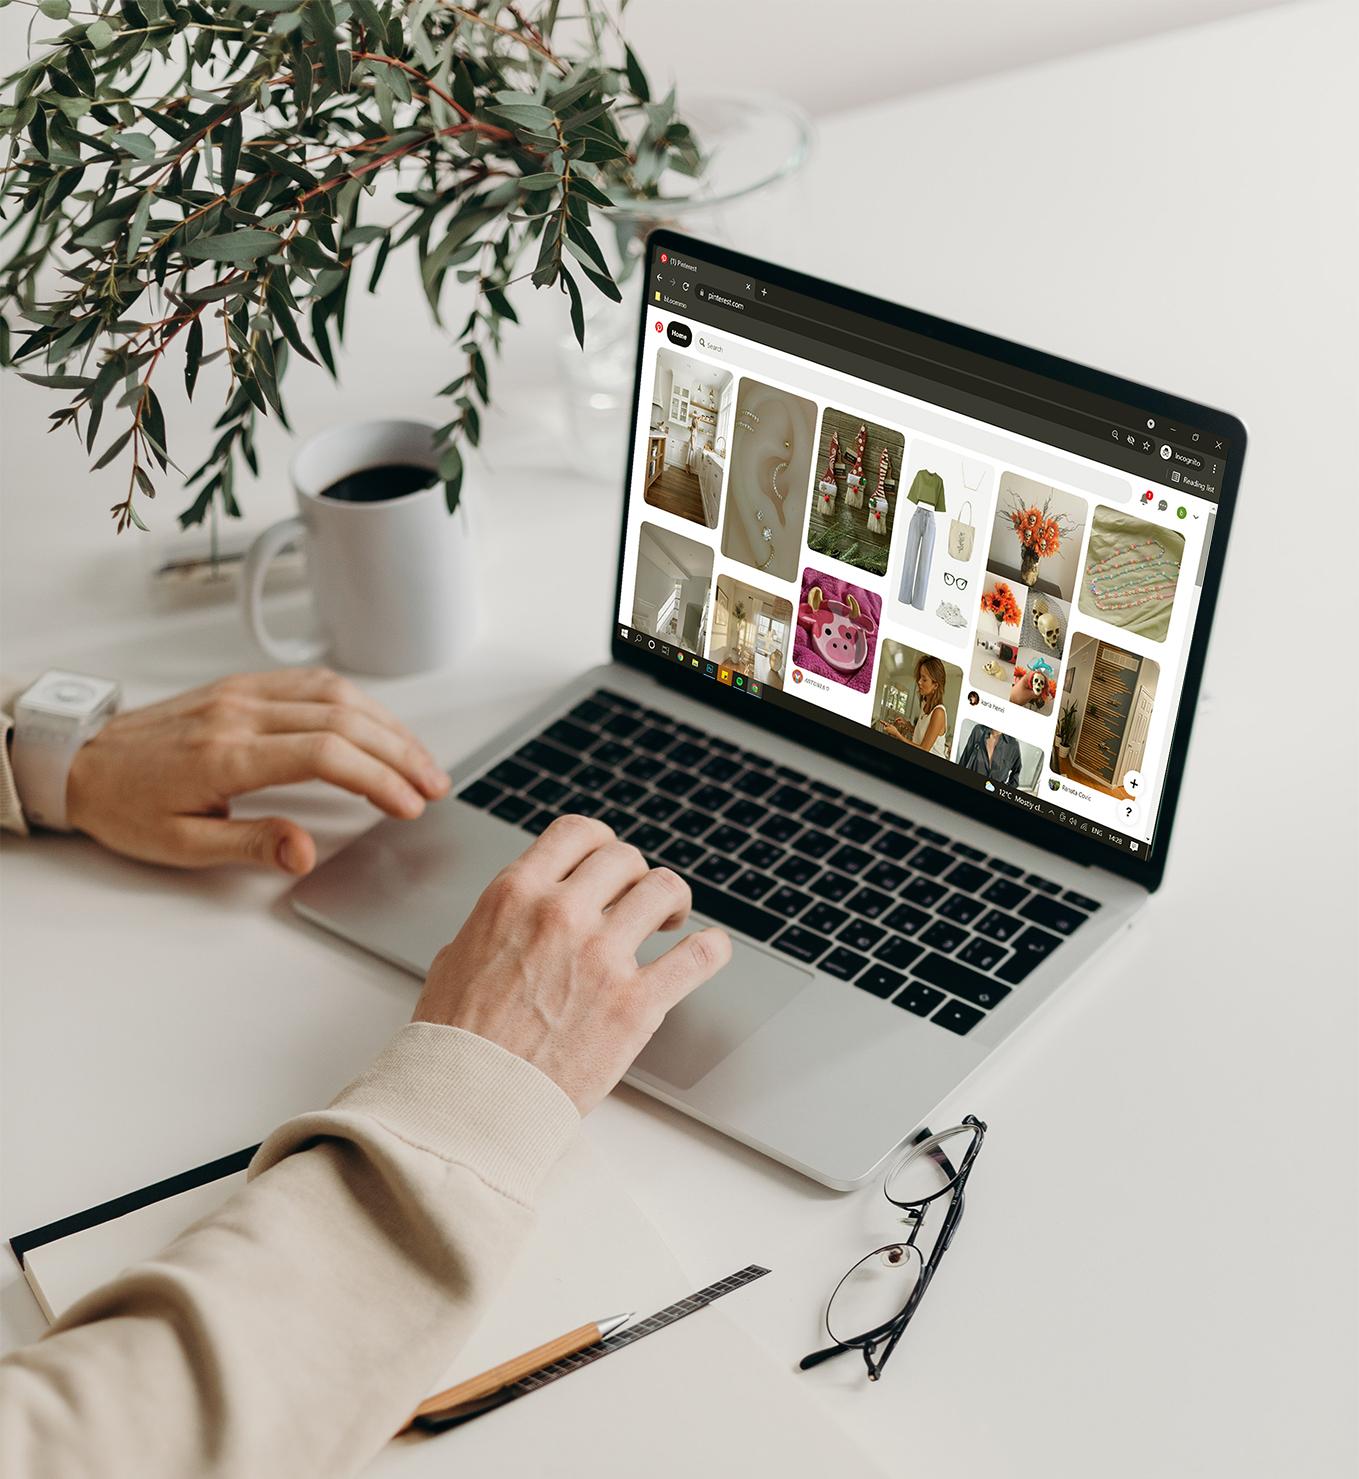 Prekės ženklas ir pardavimai Pinterest platformoje